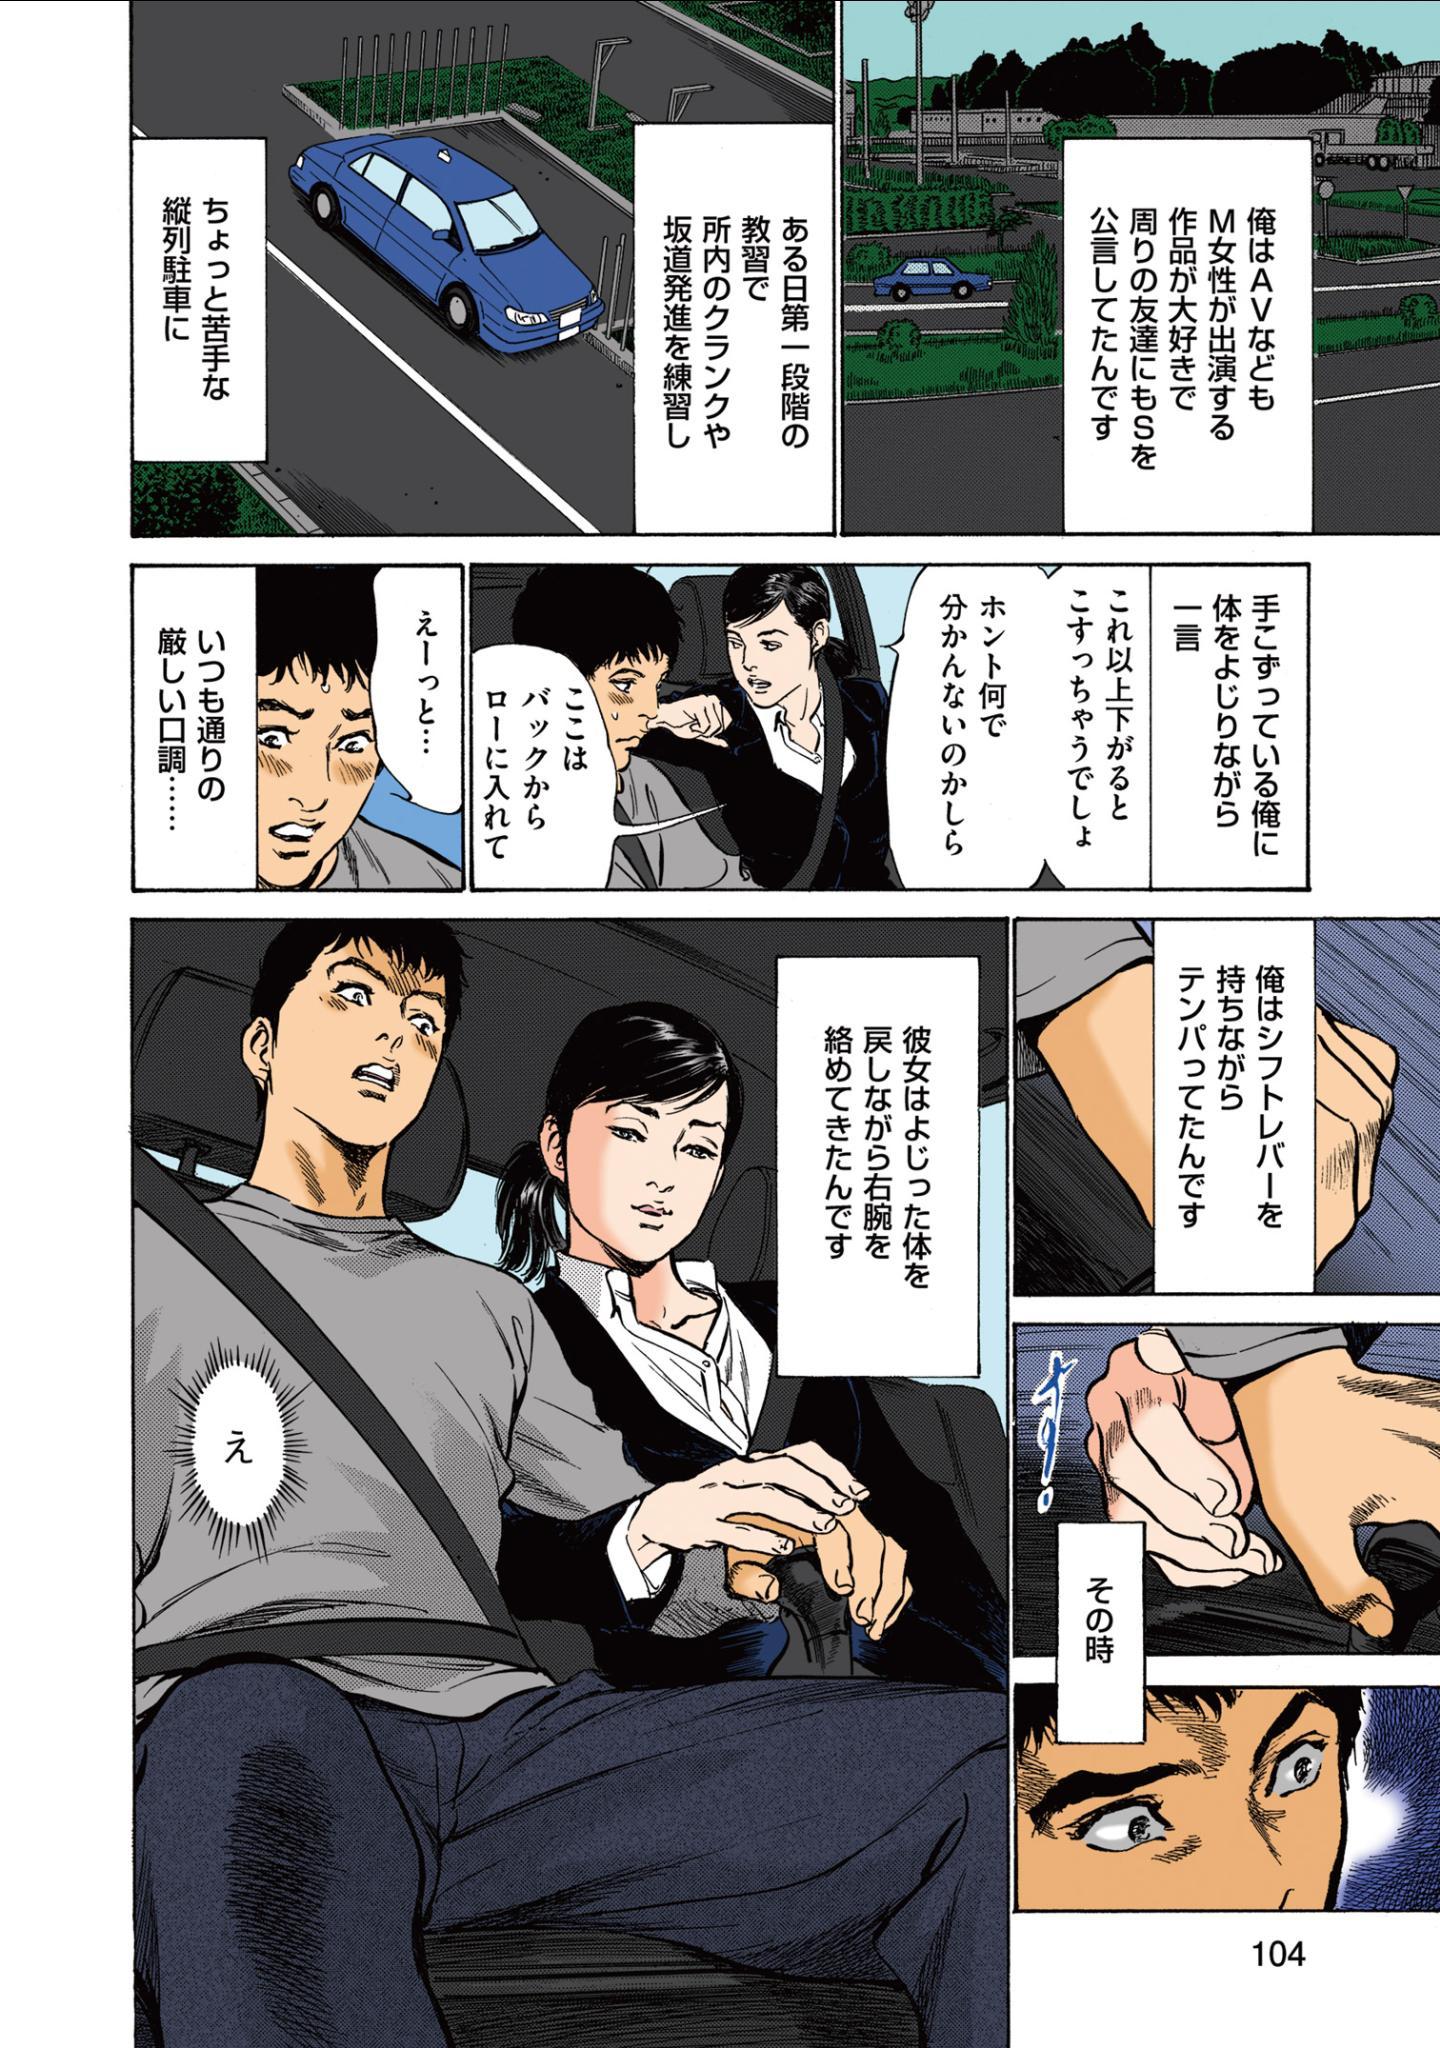 [Hazuki Kaoru] Hazuki Kaoru no Tamaranai Hanashi (Full Color Version) 1-2 7